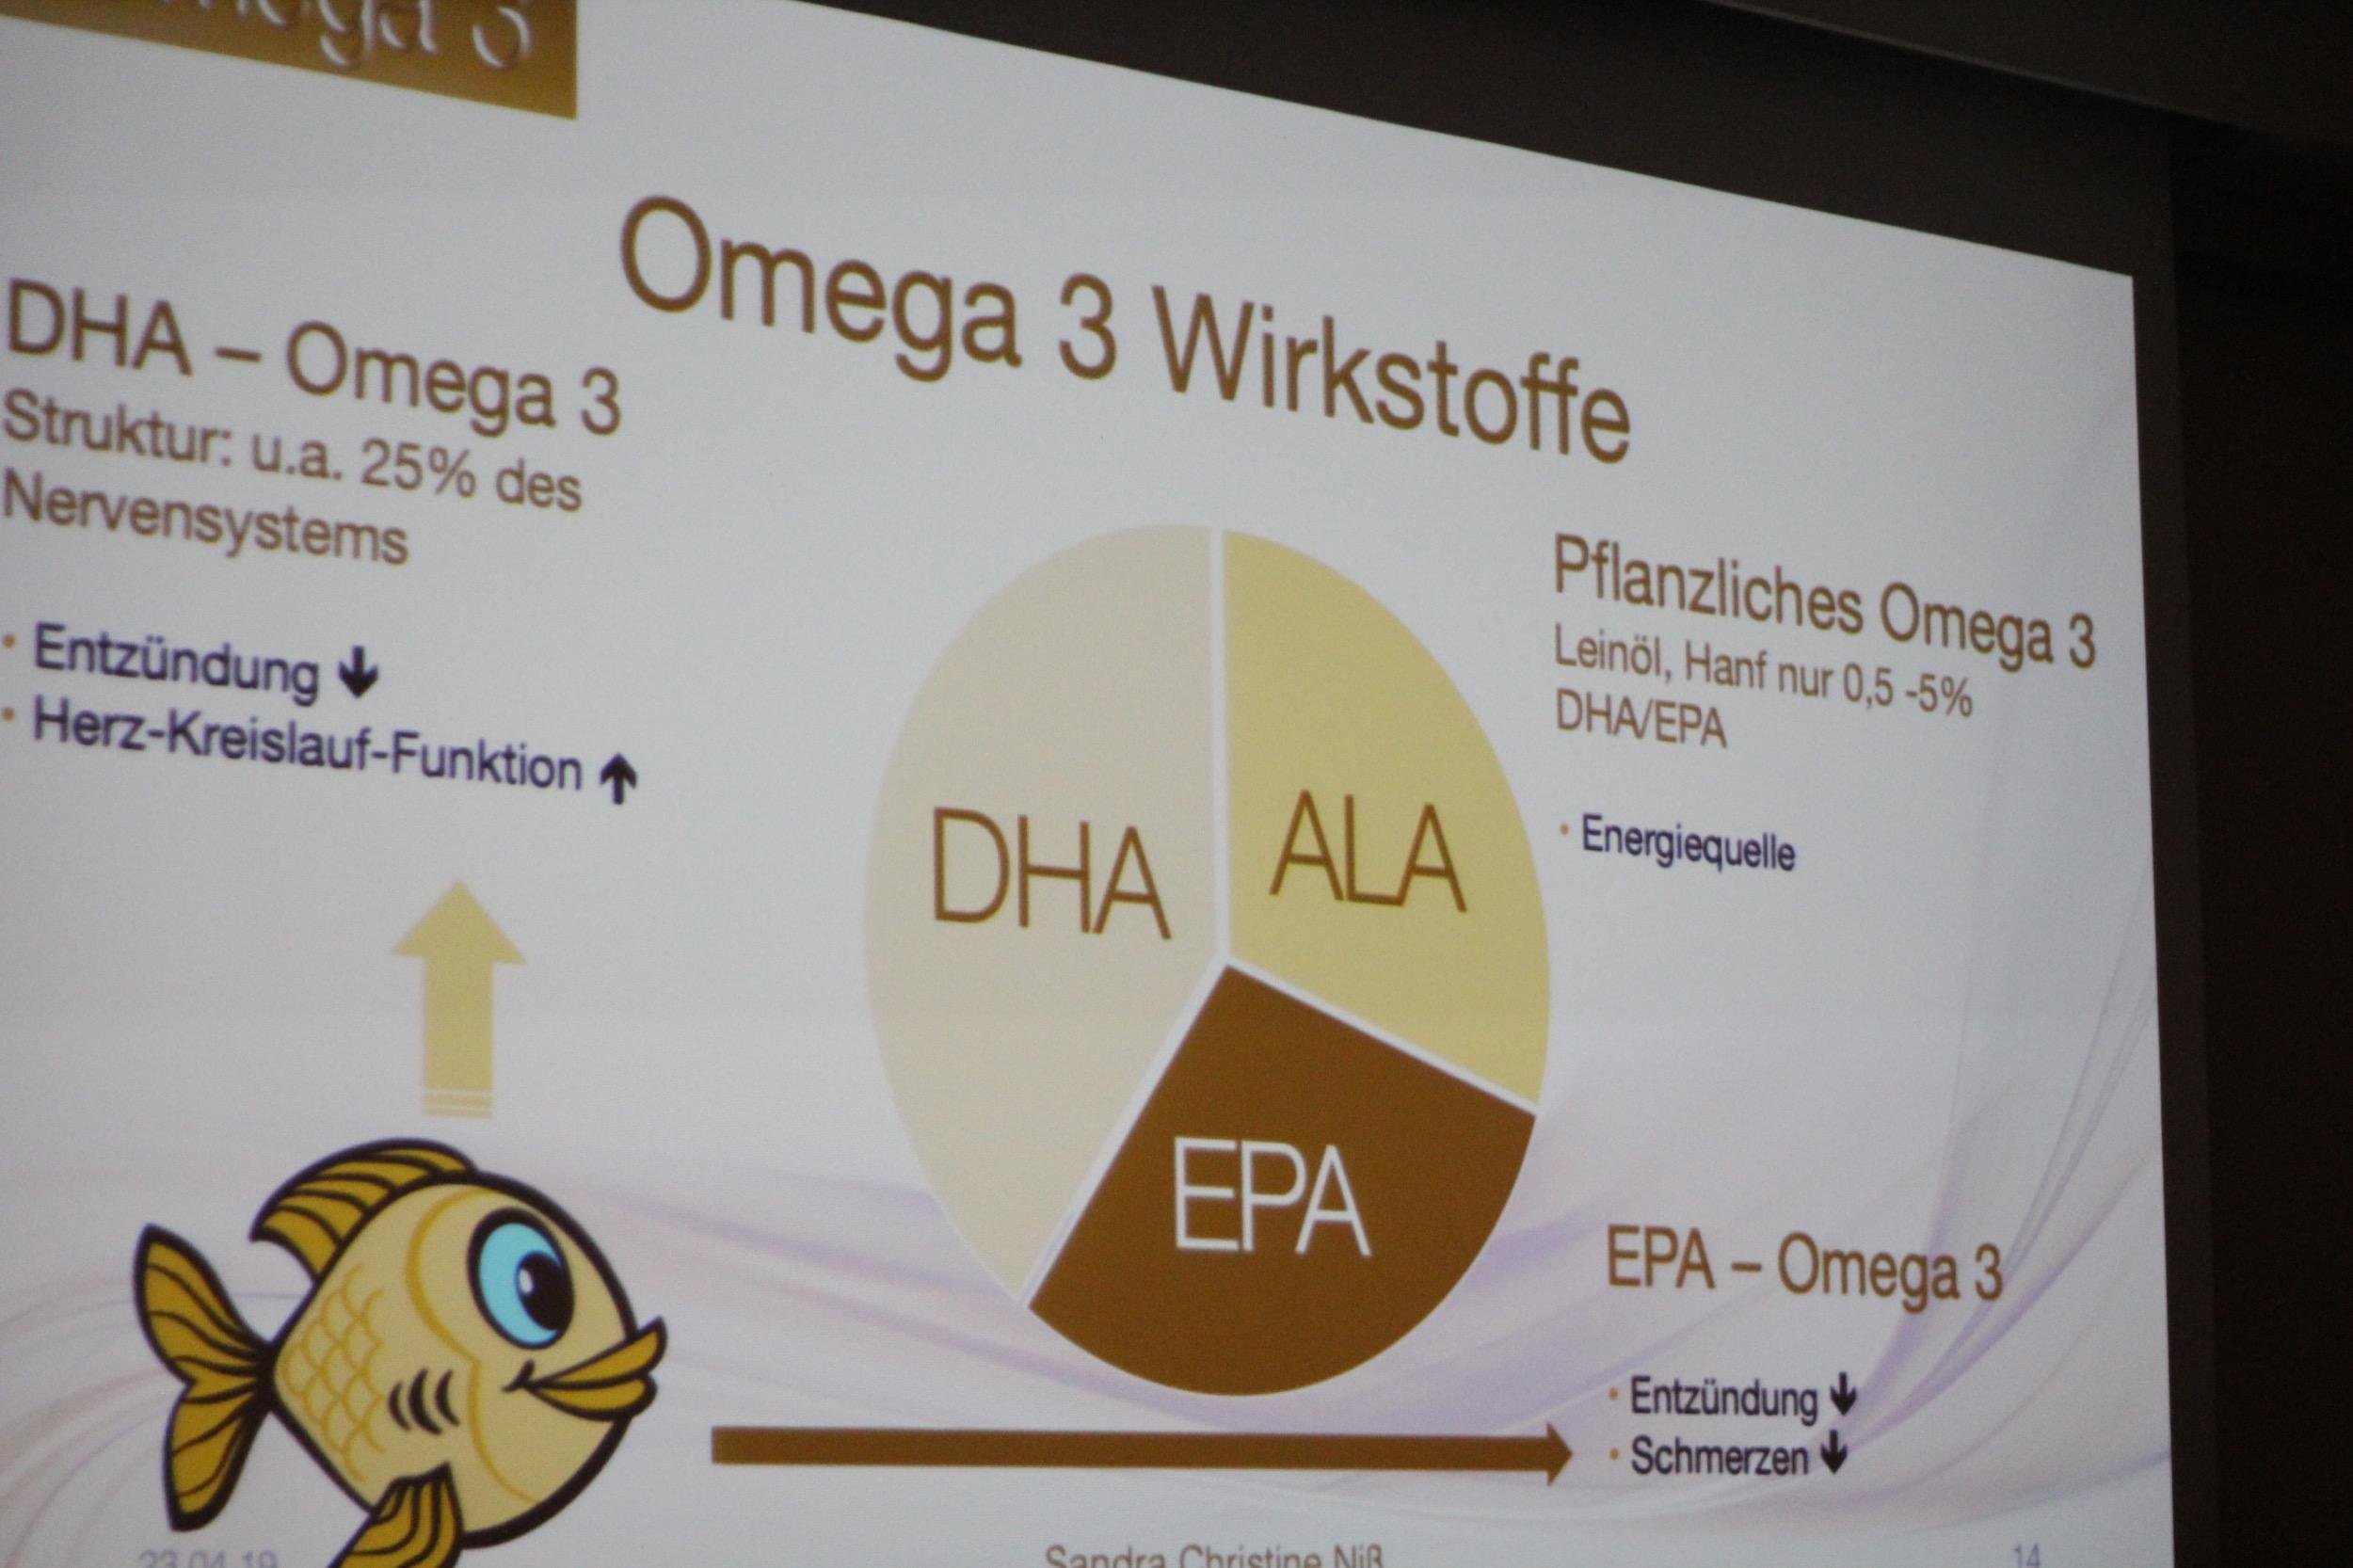 Omega-3 Wirkstoffe | EPA, DHA und ALA